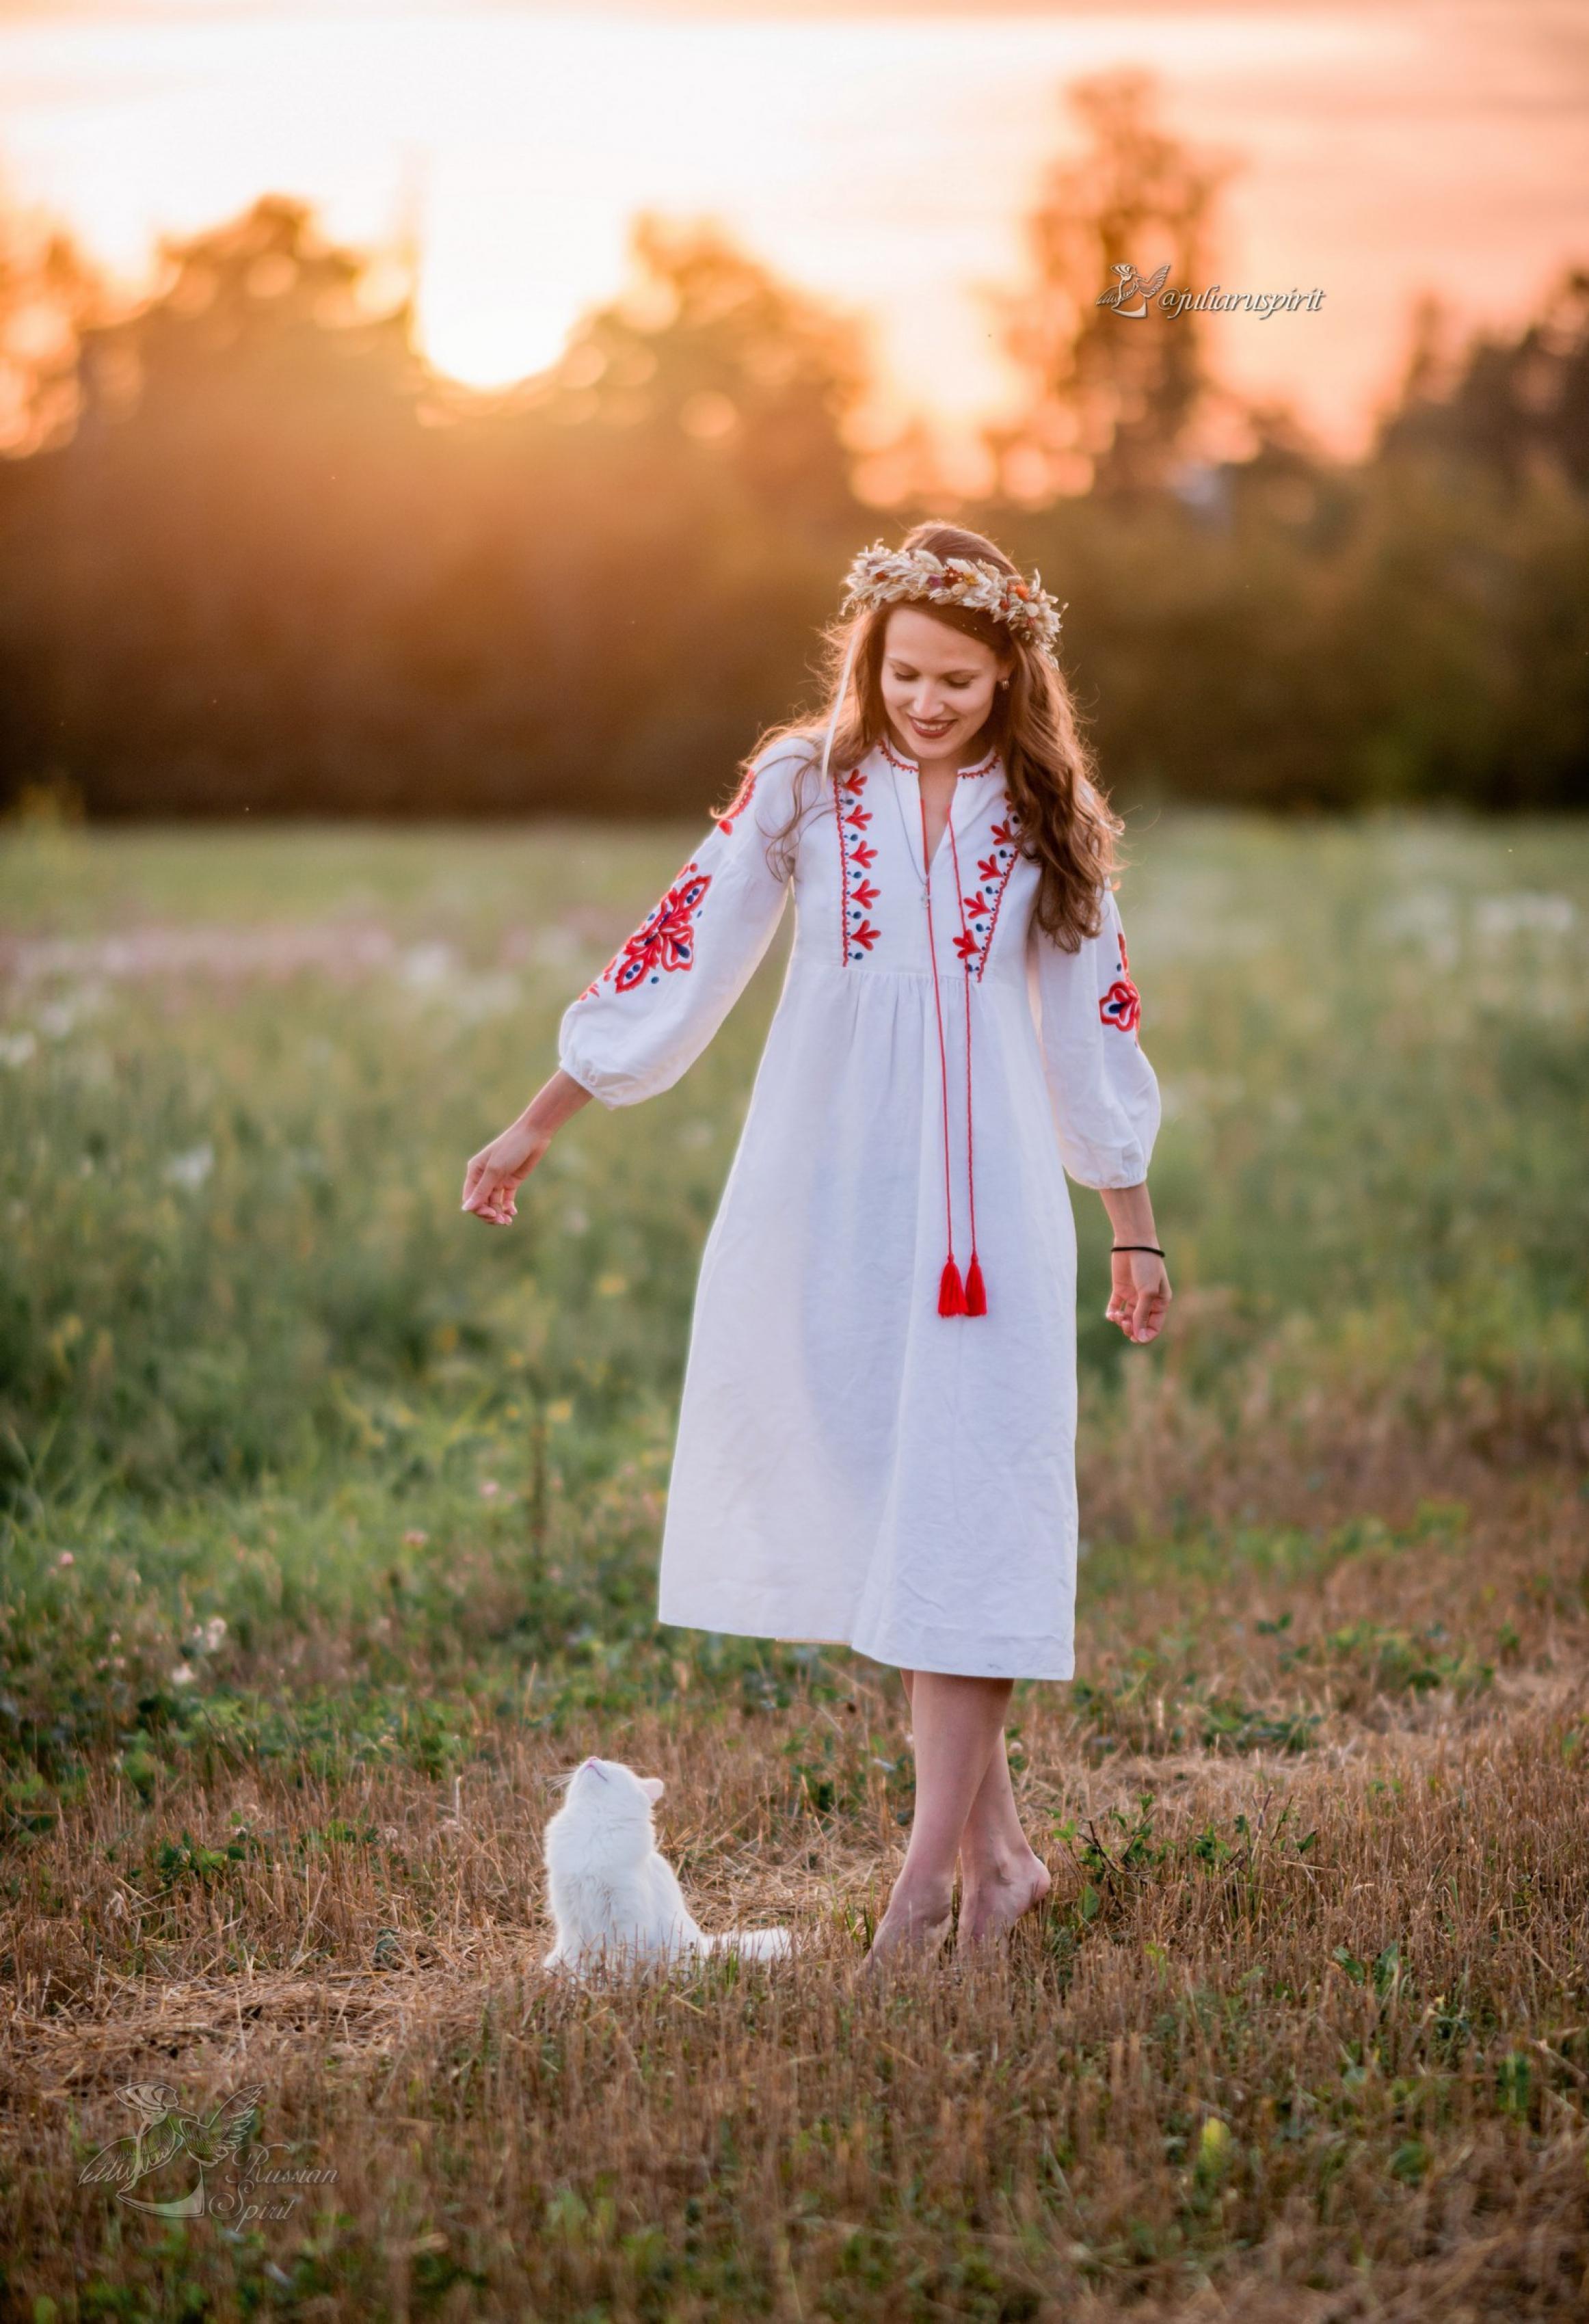 Девушка с кошкой в поле в платье с вышивкой